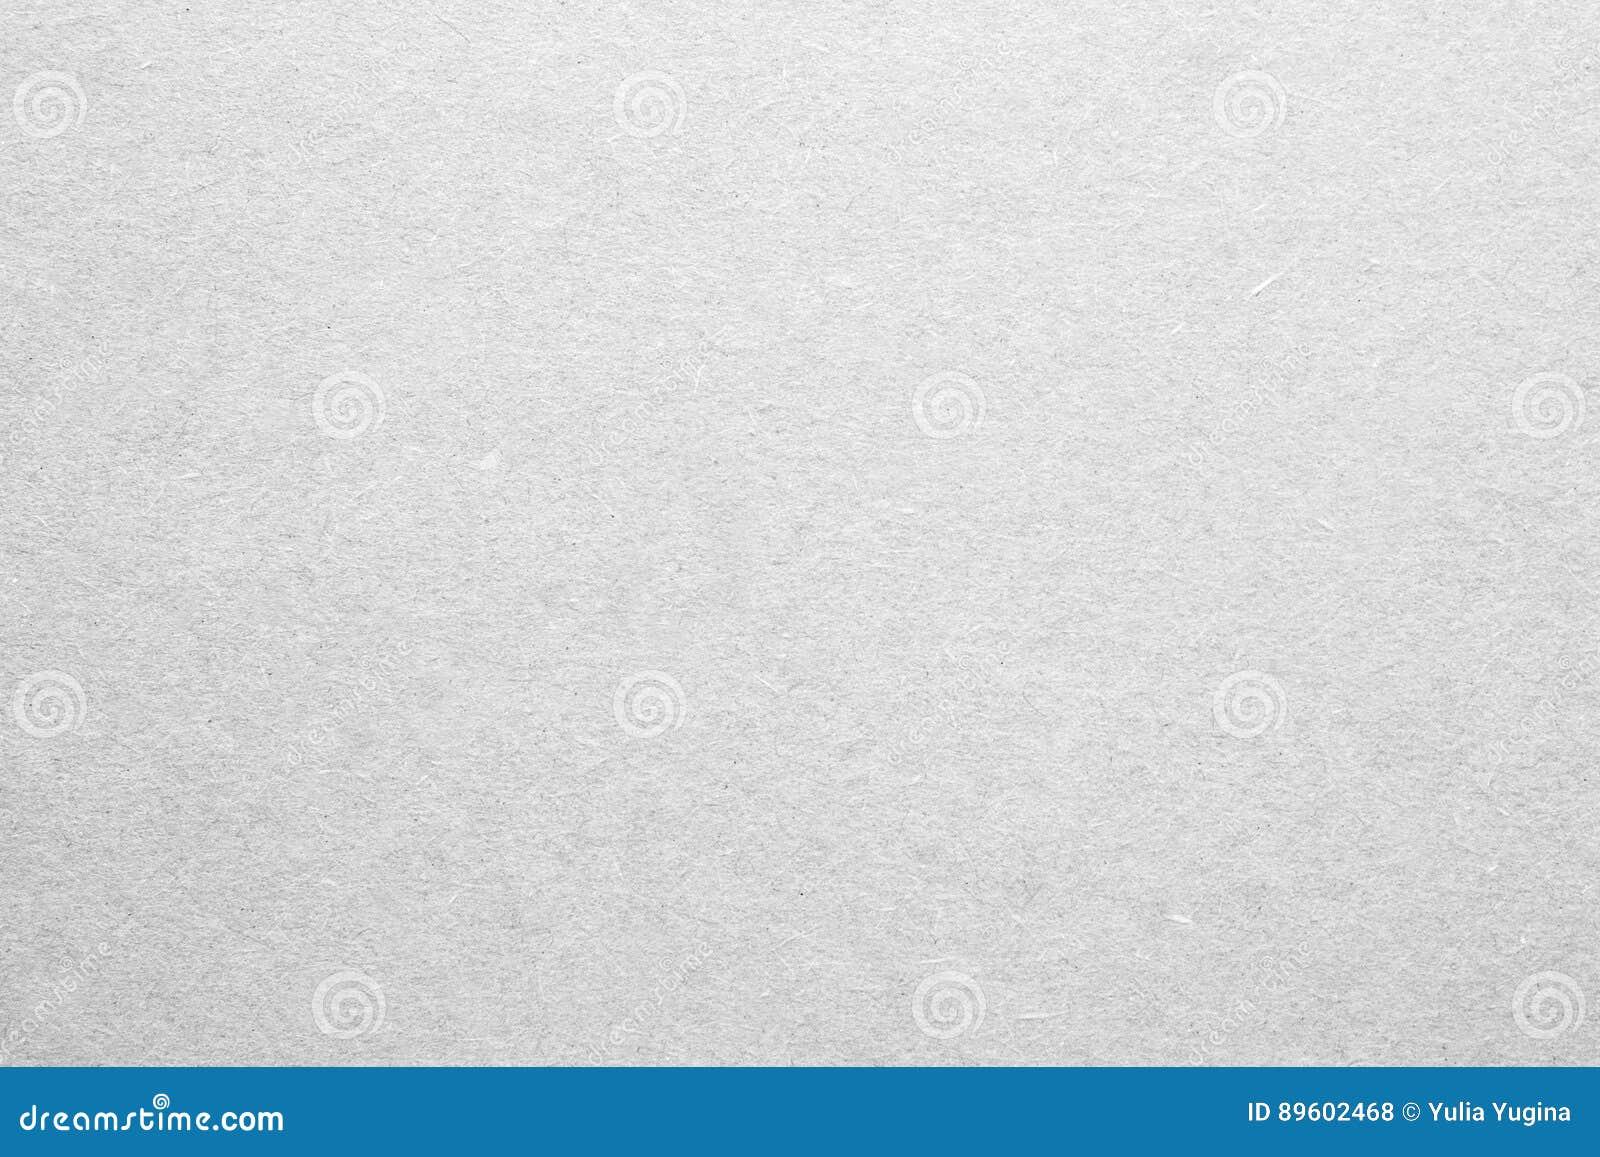 空白的纸片或胶合板在白色颜色